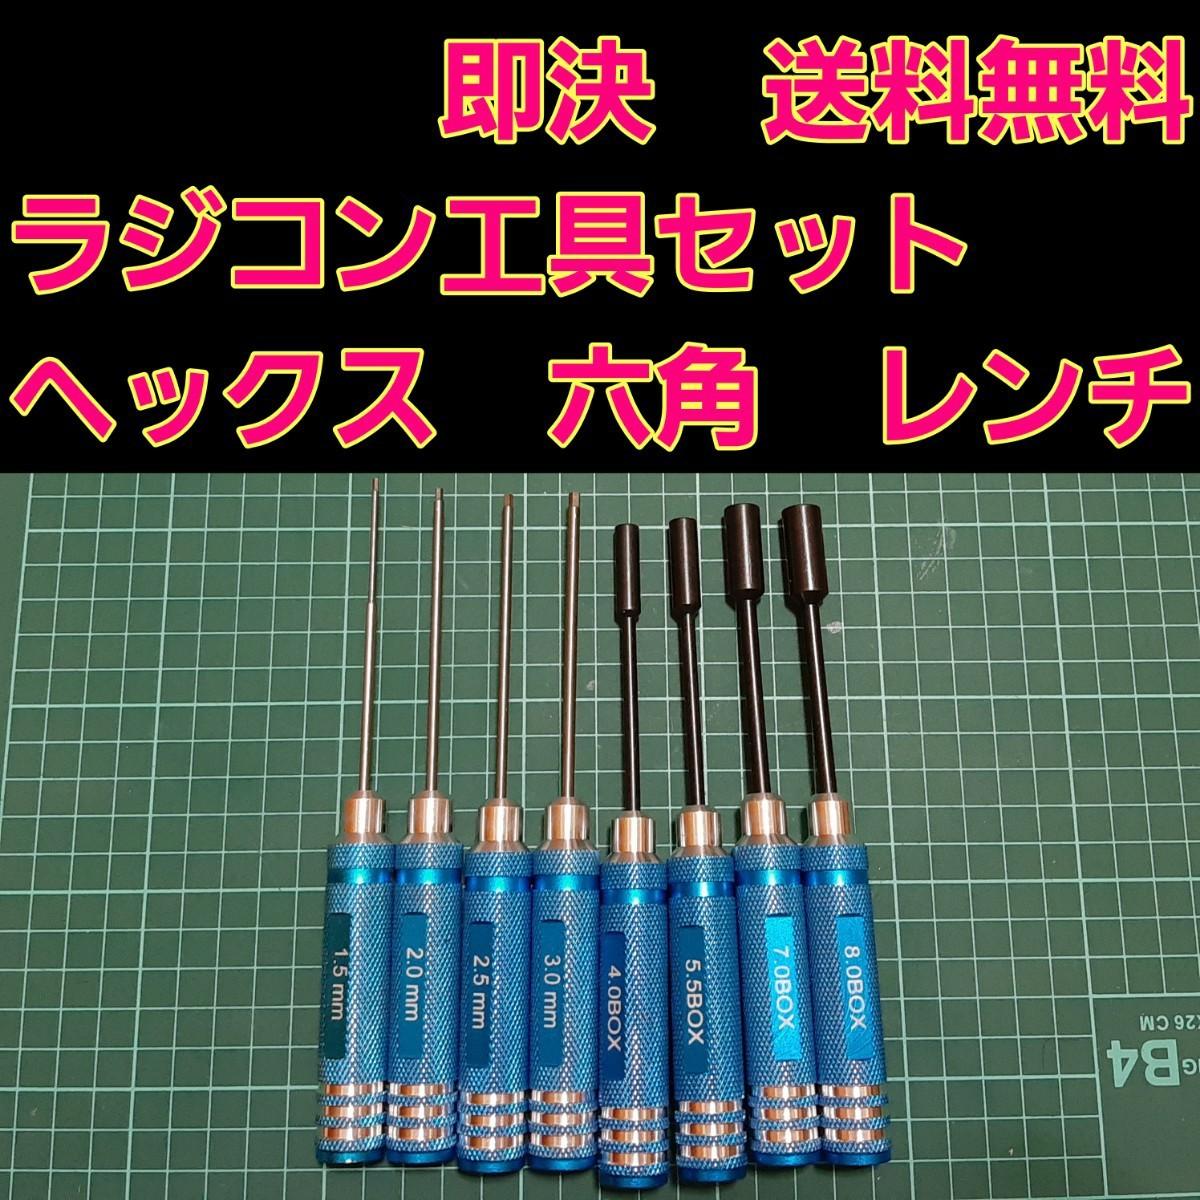 六角レンチ 六角boxソケット ドライバー 8本セット  青  ラジコン YD-2 ドリパケ tt01 tt02 タミヤ  HPI